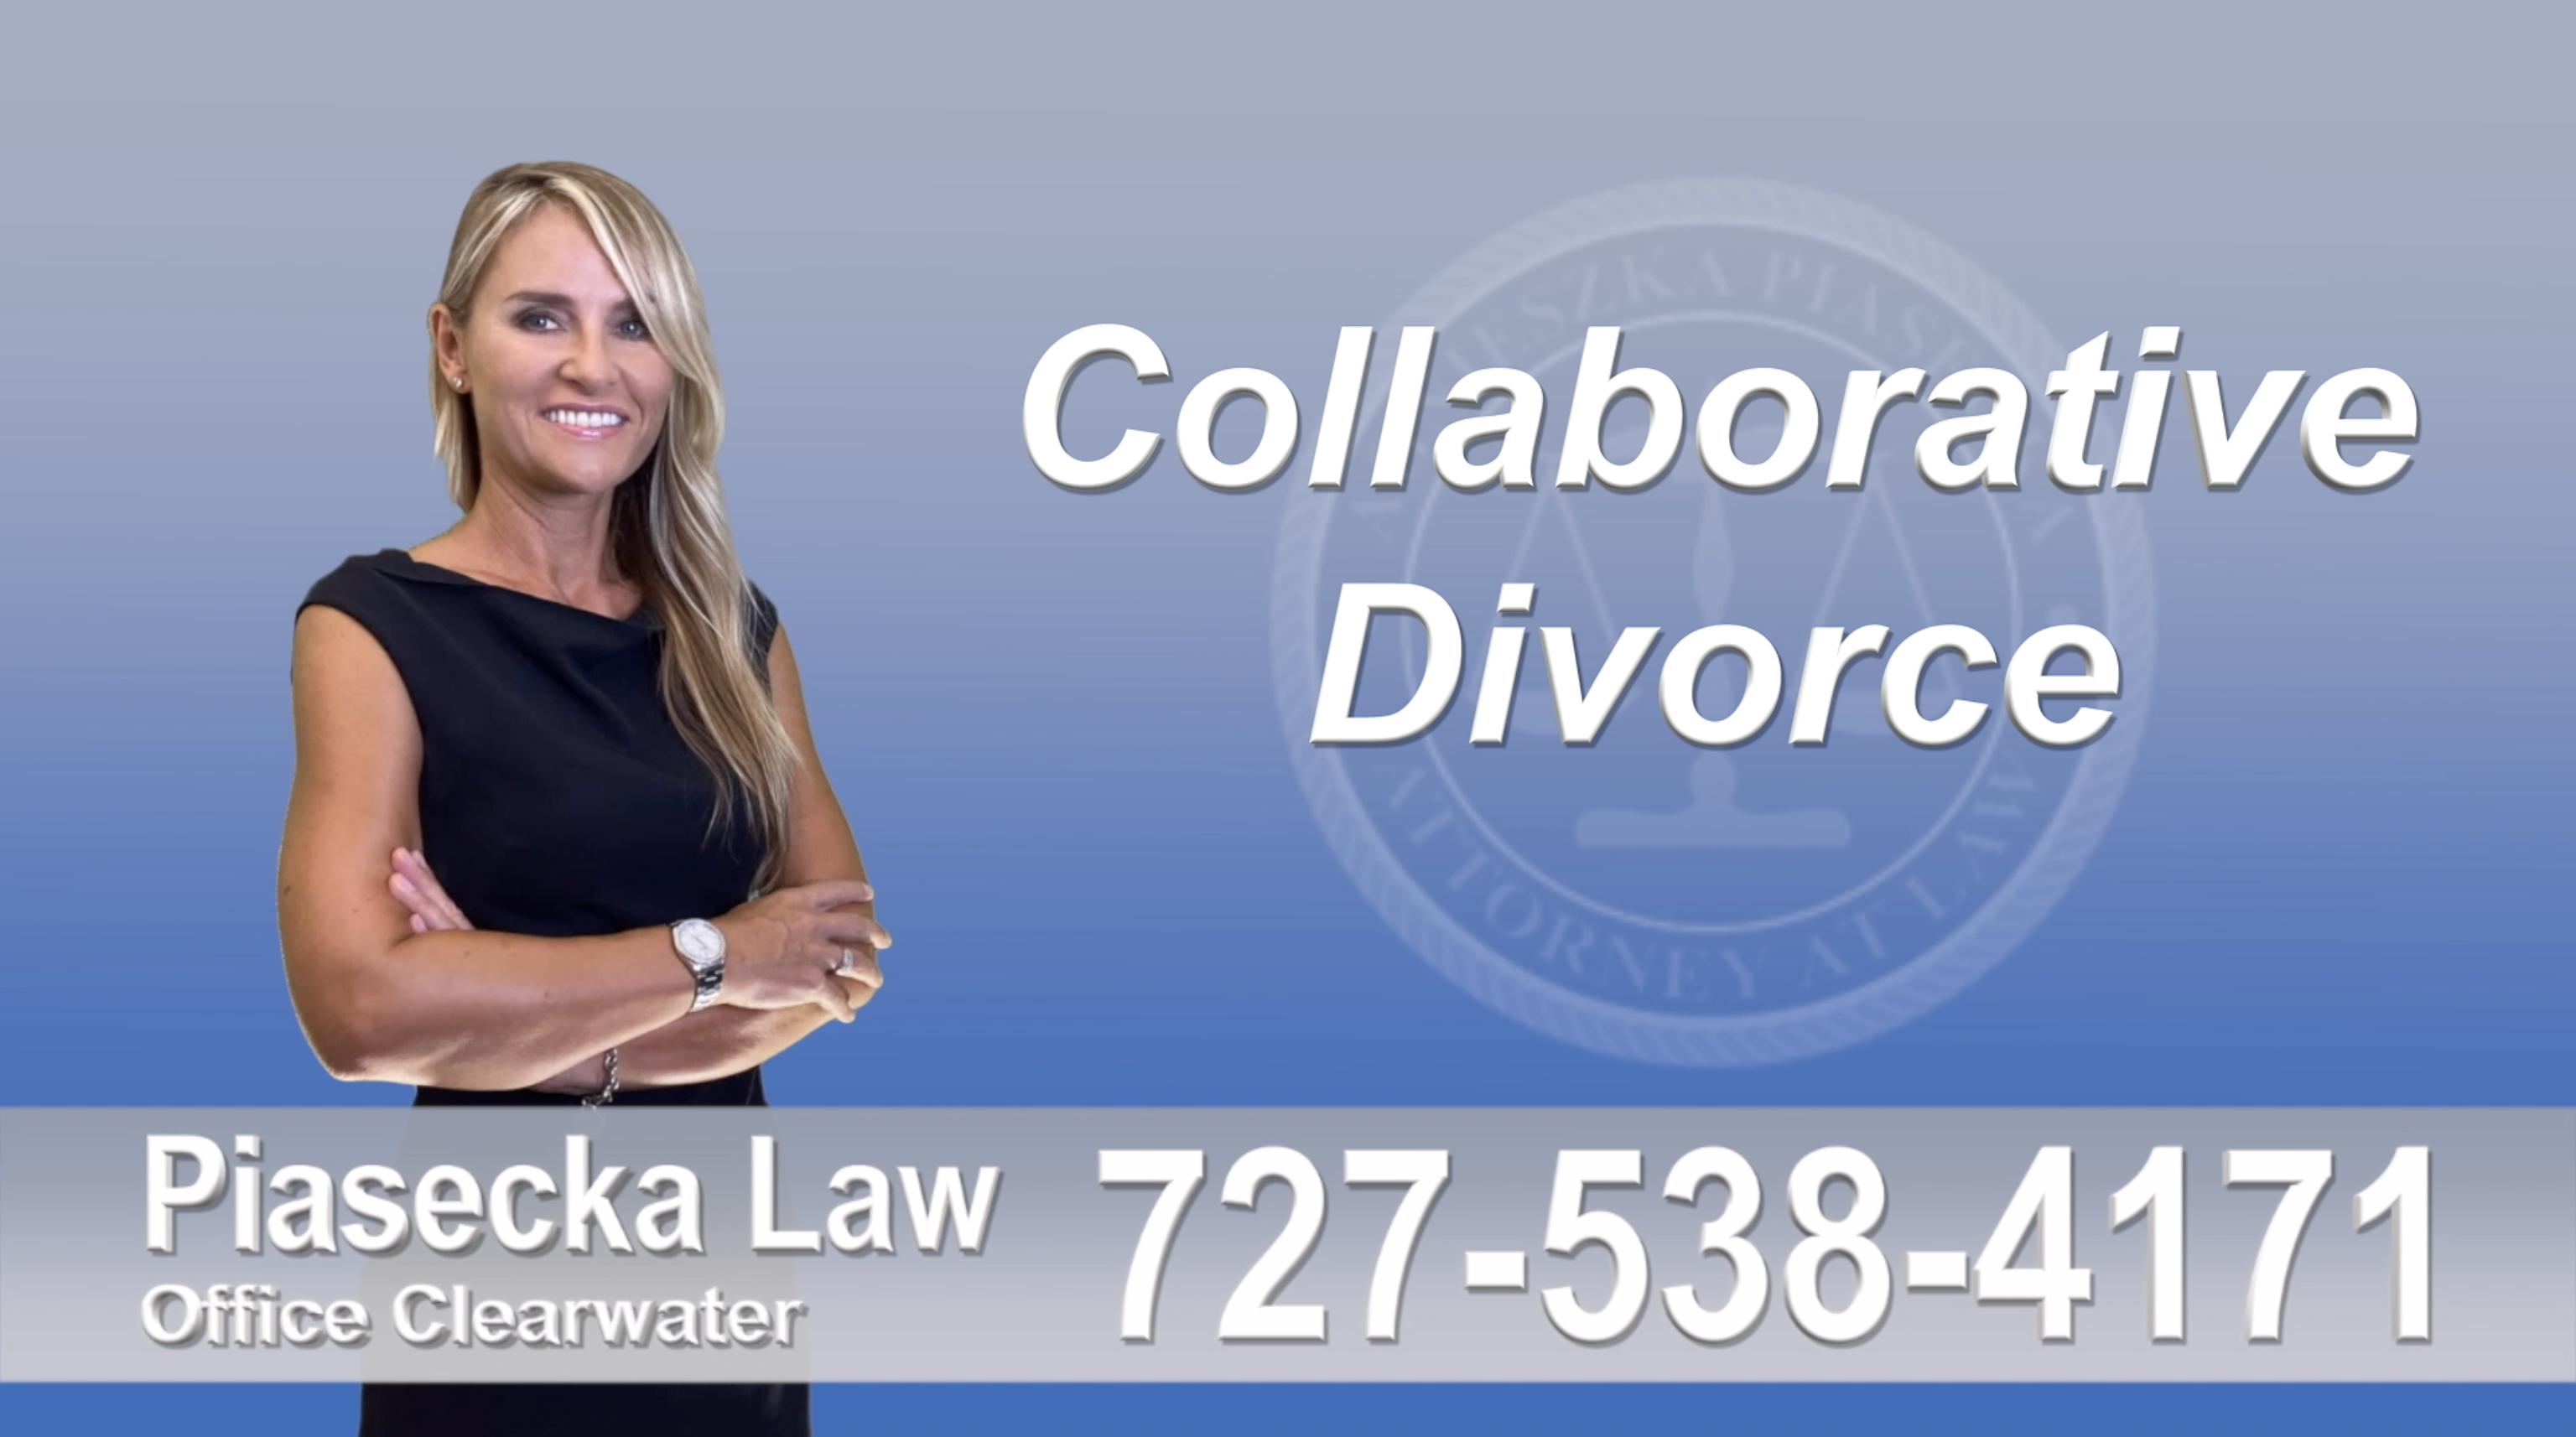 Lithia, Collaborative, Divorce, Attorney, Agnieszka, Piasecka, Prawnik, Rozwodowy, Rozwód, Adwokat, Najlepszy